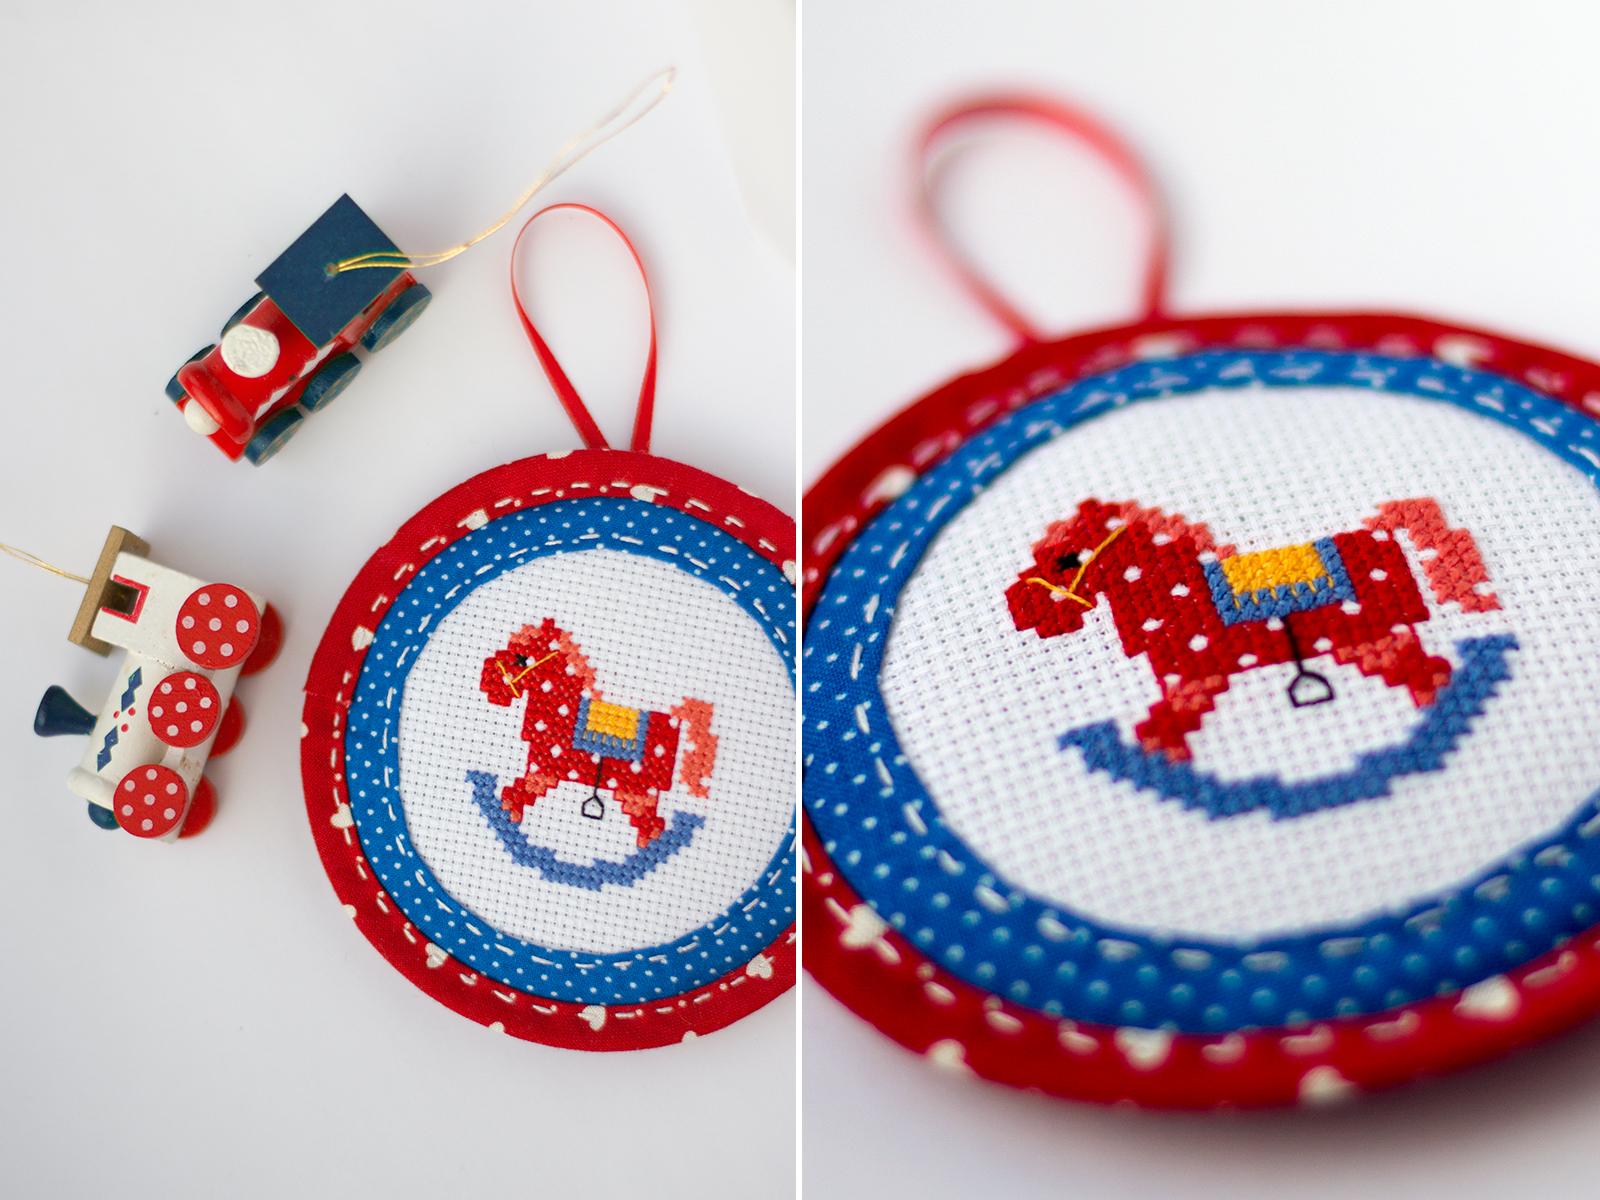 сосульки игрушки схемы вышивки крестом